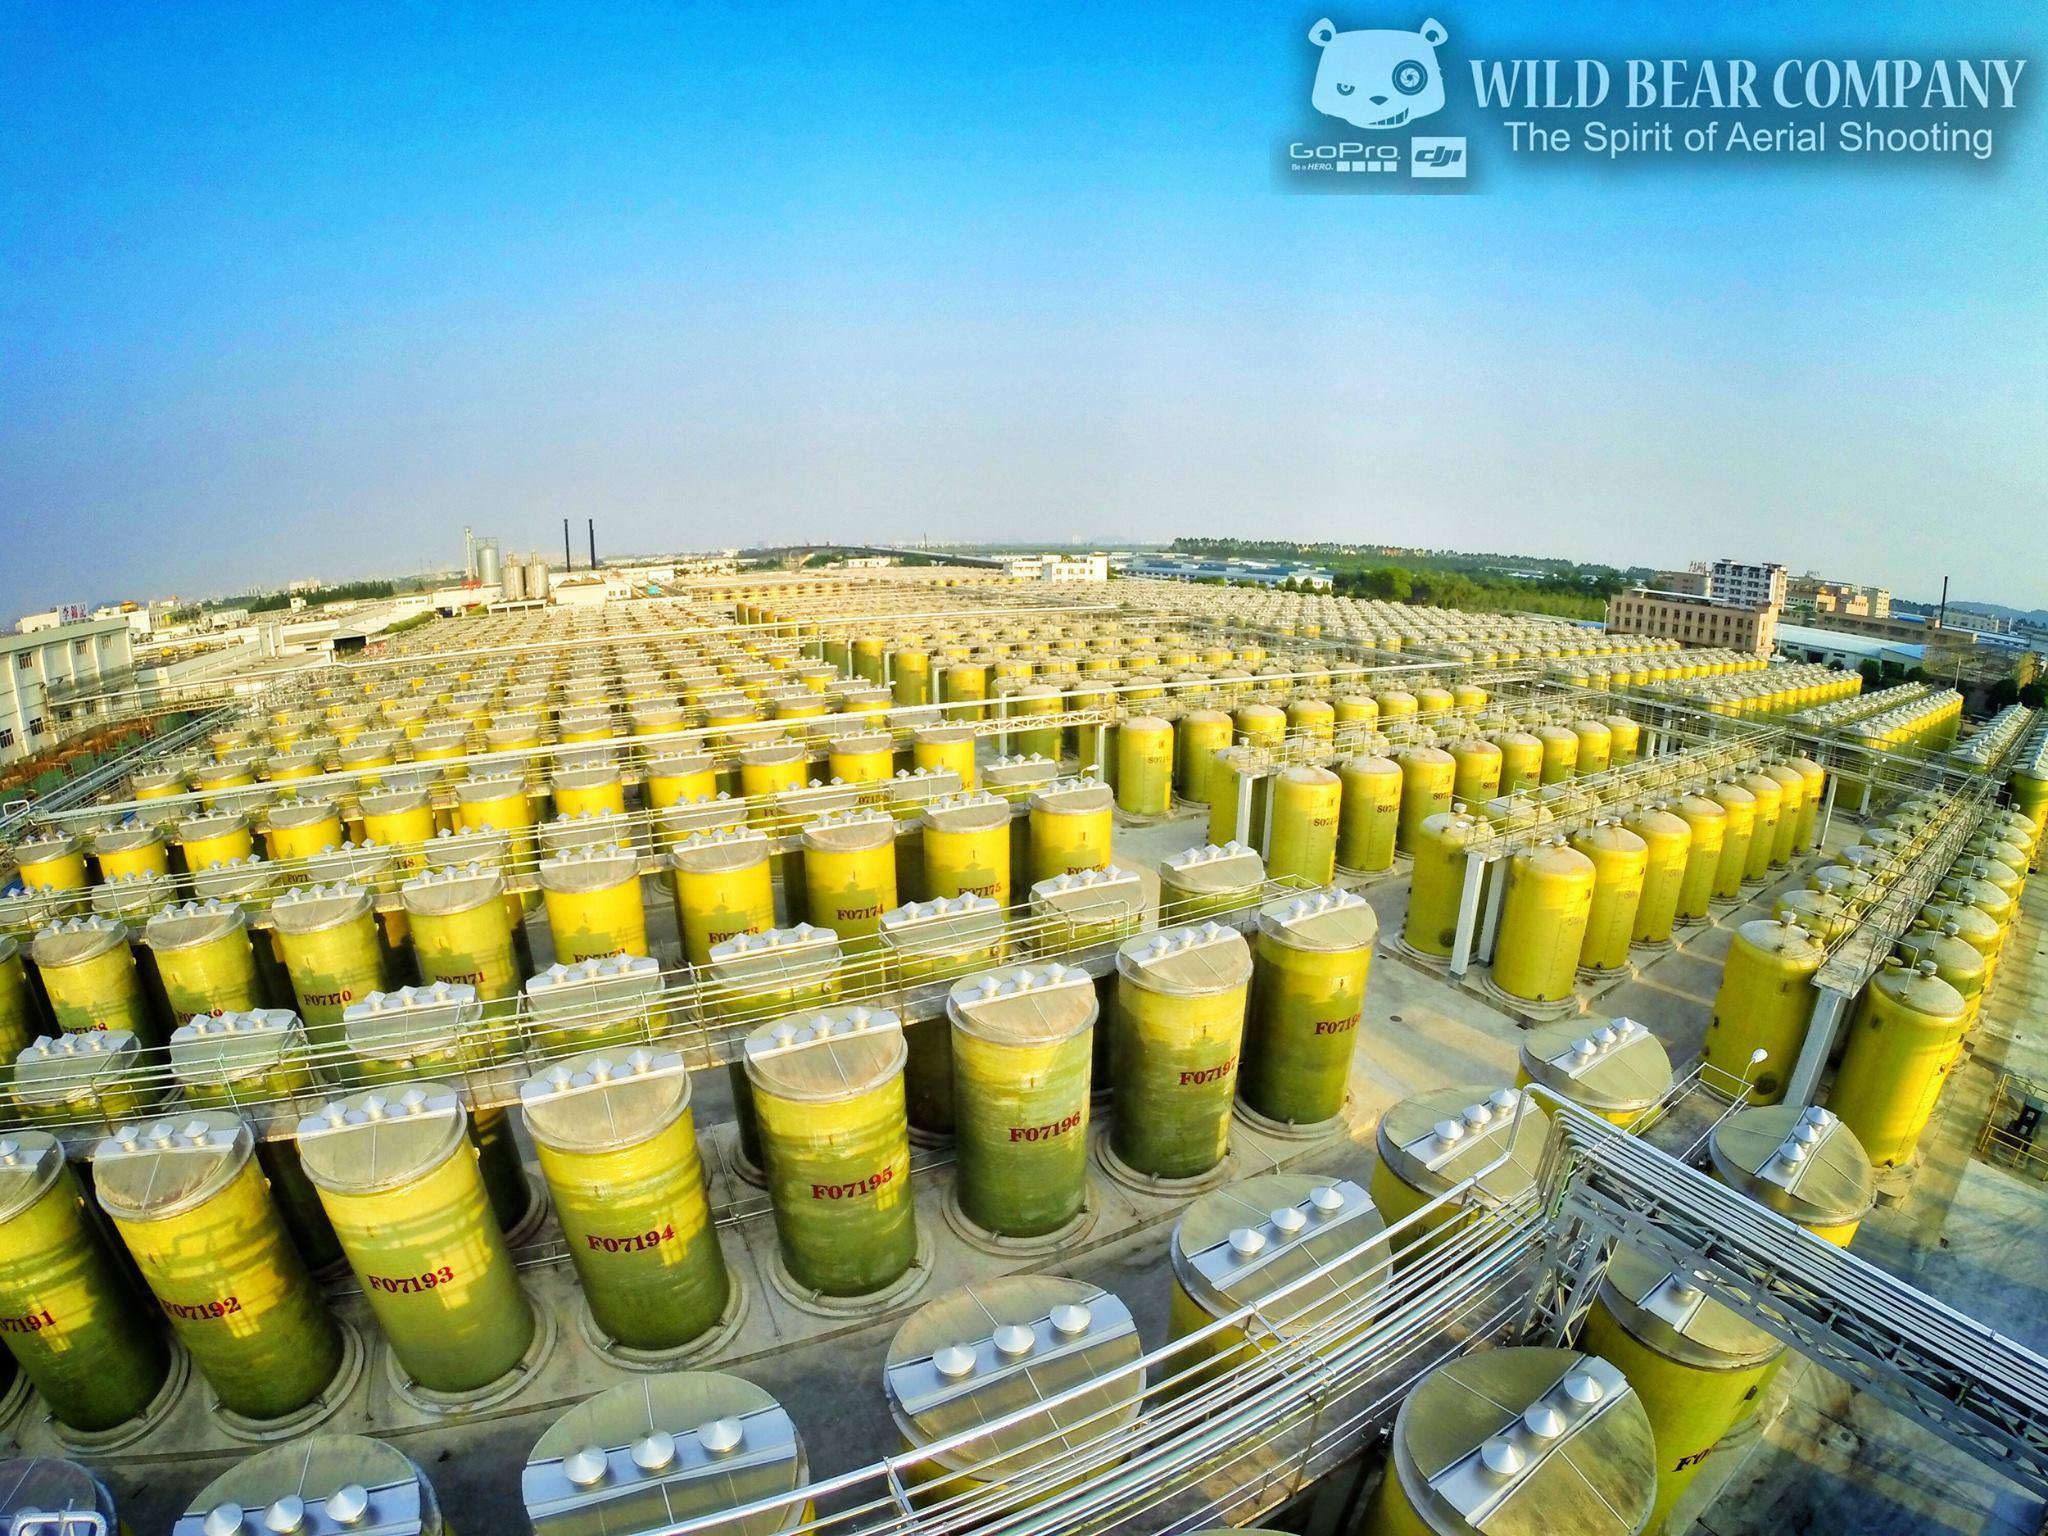 Wild Bear Company為《李錦記》廣州1700畝的生產廠房航